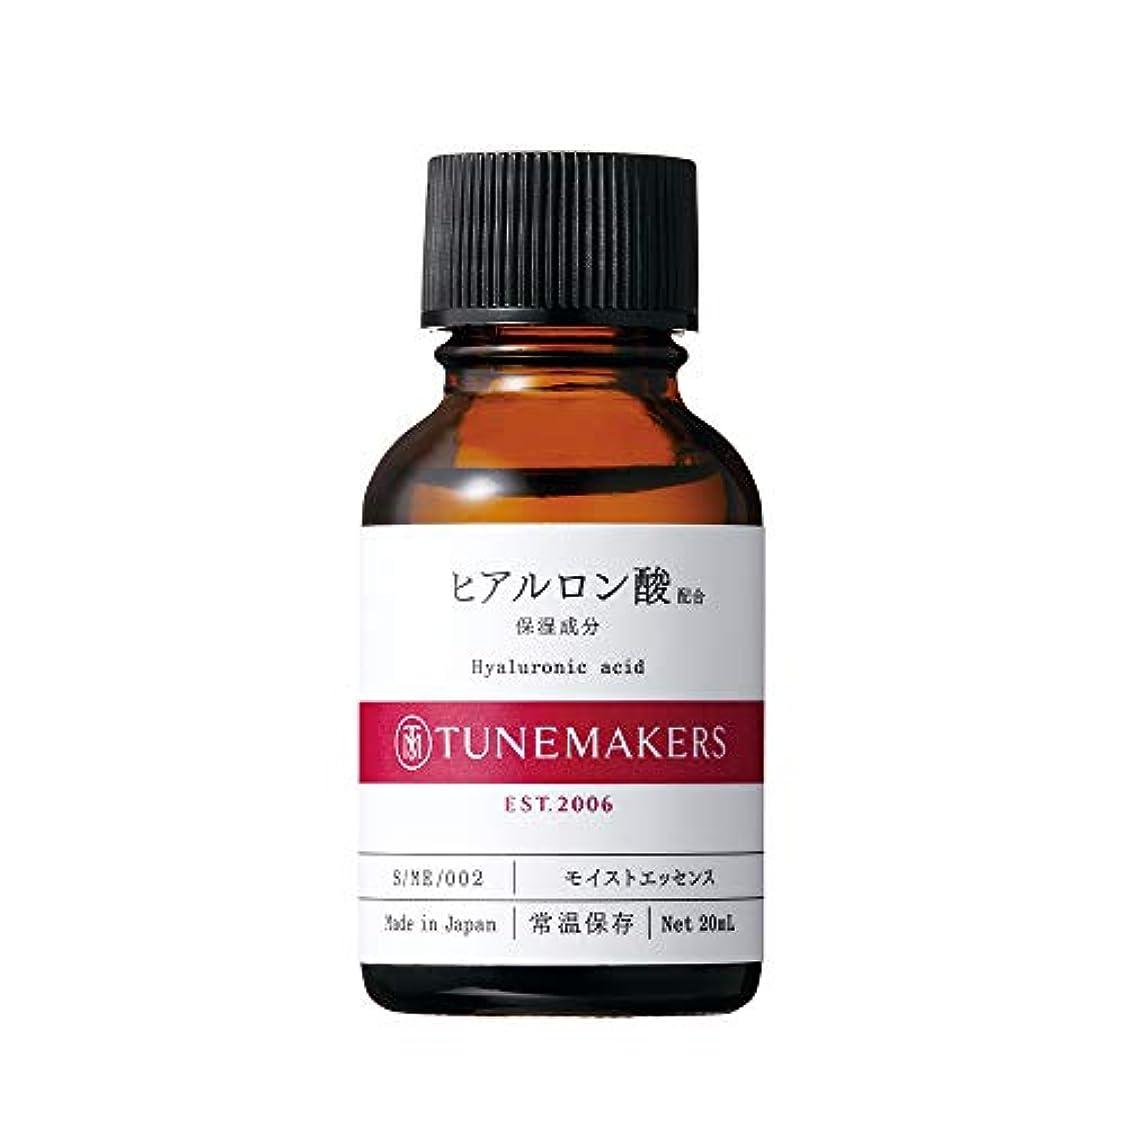 ストライドローズ申し立てるチューンメーカーズ ヒアルロン酸 20ml 原液美容液 [乾燥ケア] リニューアル商品